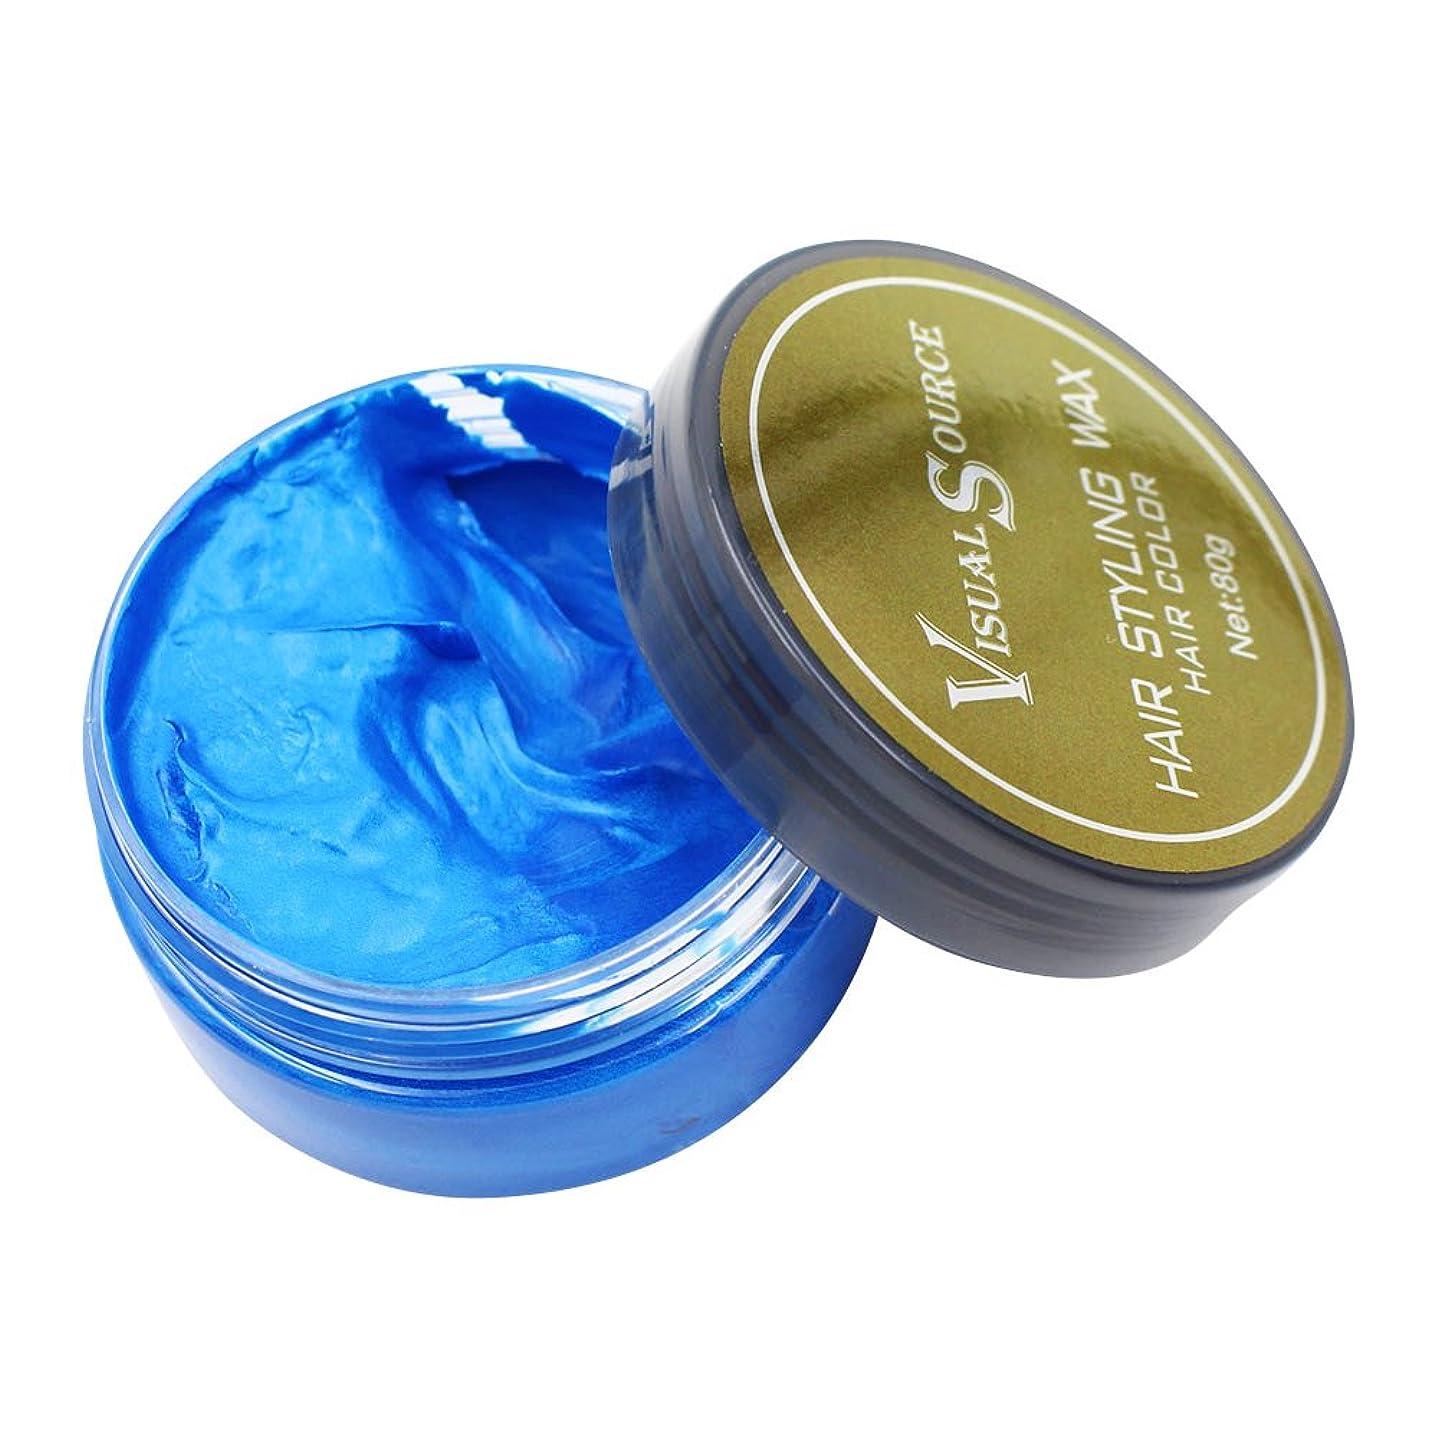 窓壊す抑止するVISUAL SOURCE [ビジュアルソース] ヘアワックス ストレート ヘア用 シルバー?アッシュ シャンプーで色付き 整髪料 80g (ブルー)